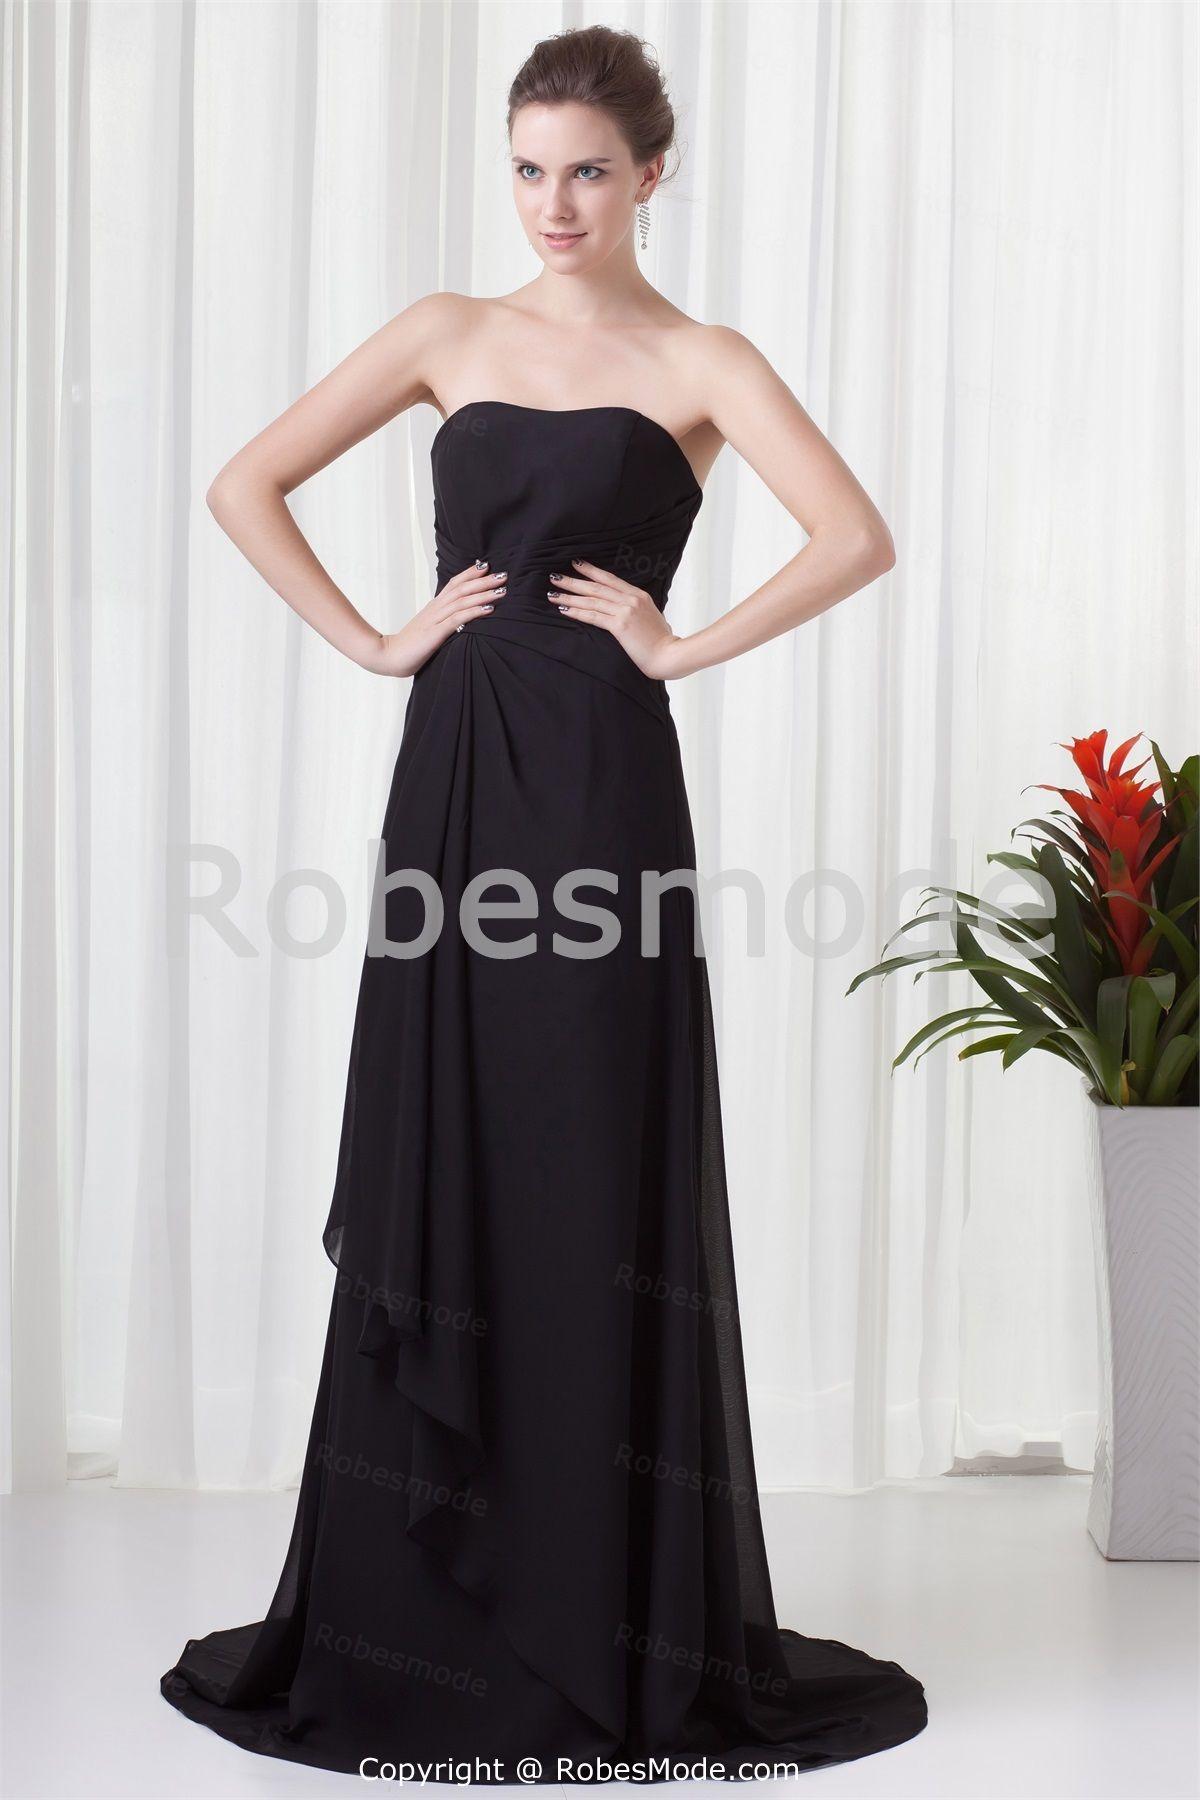 Robe de soirée noire simple aligne décoration perlée en mousseline